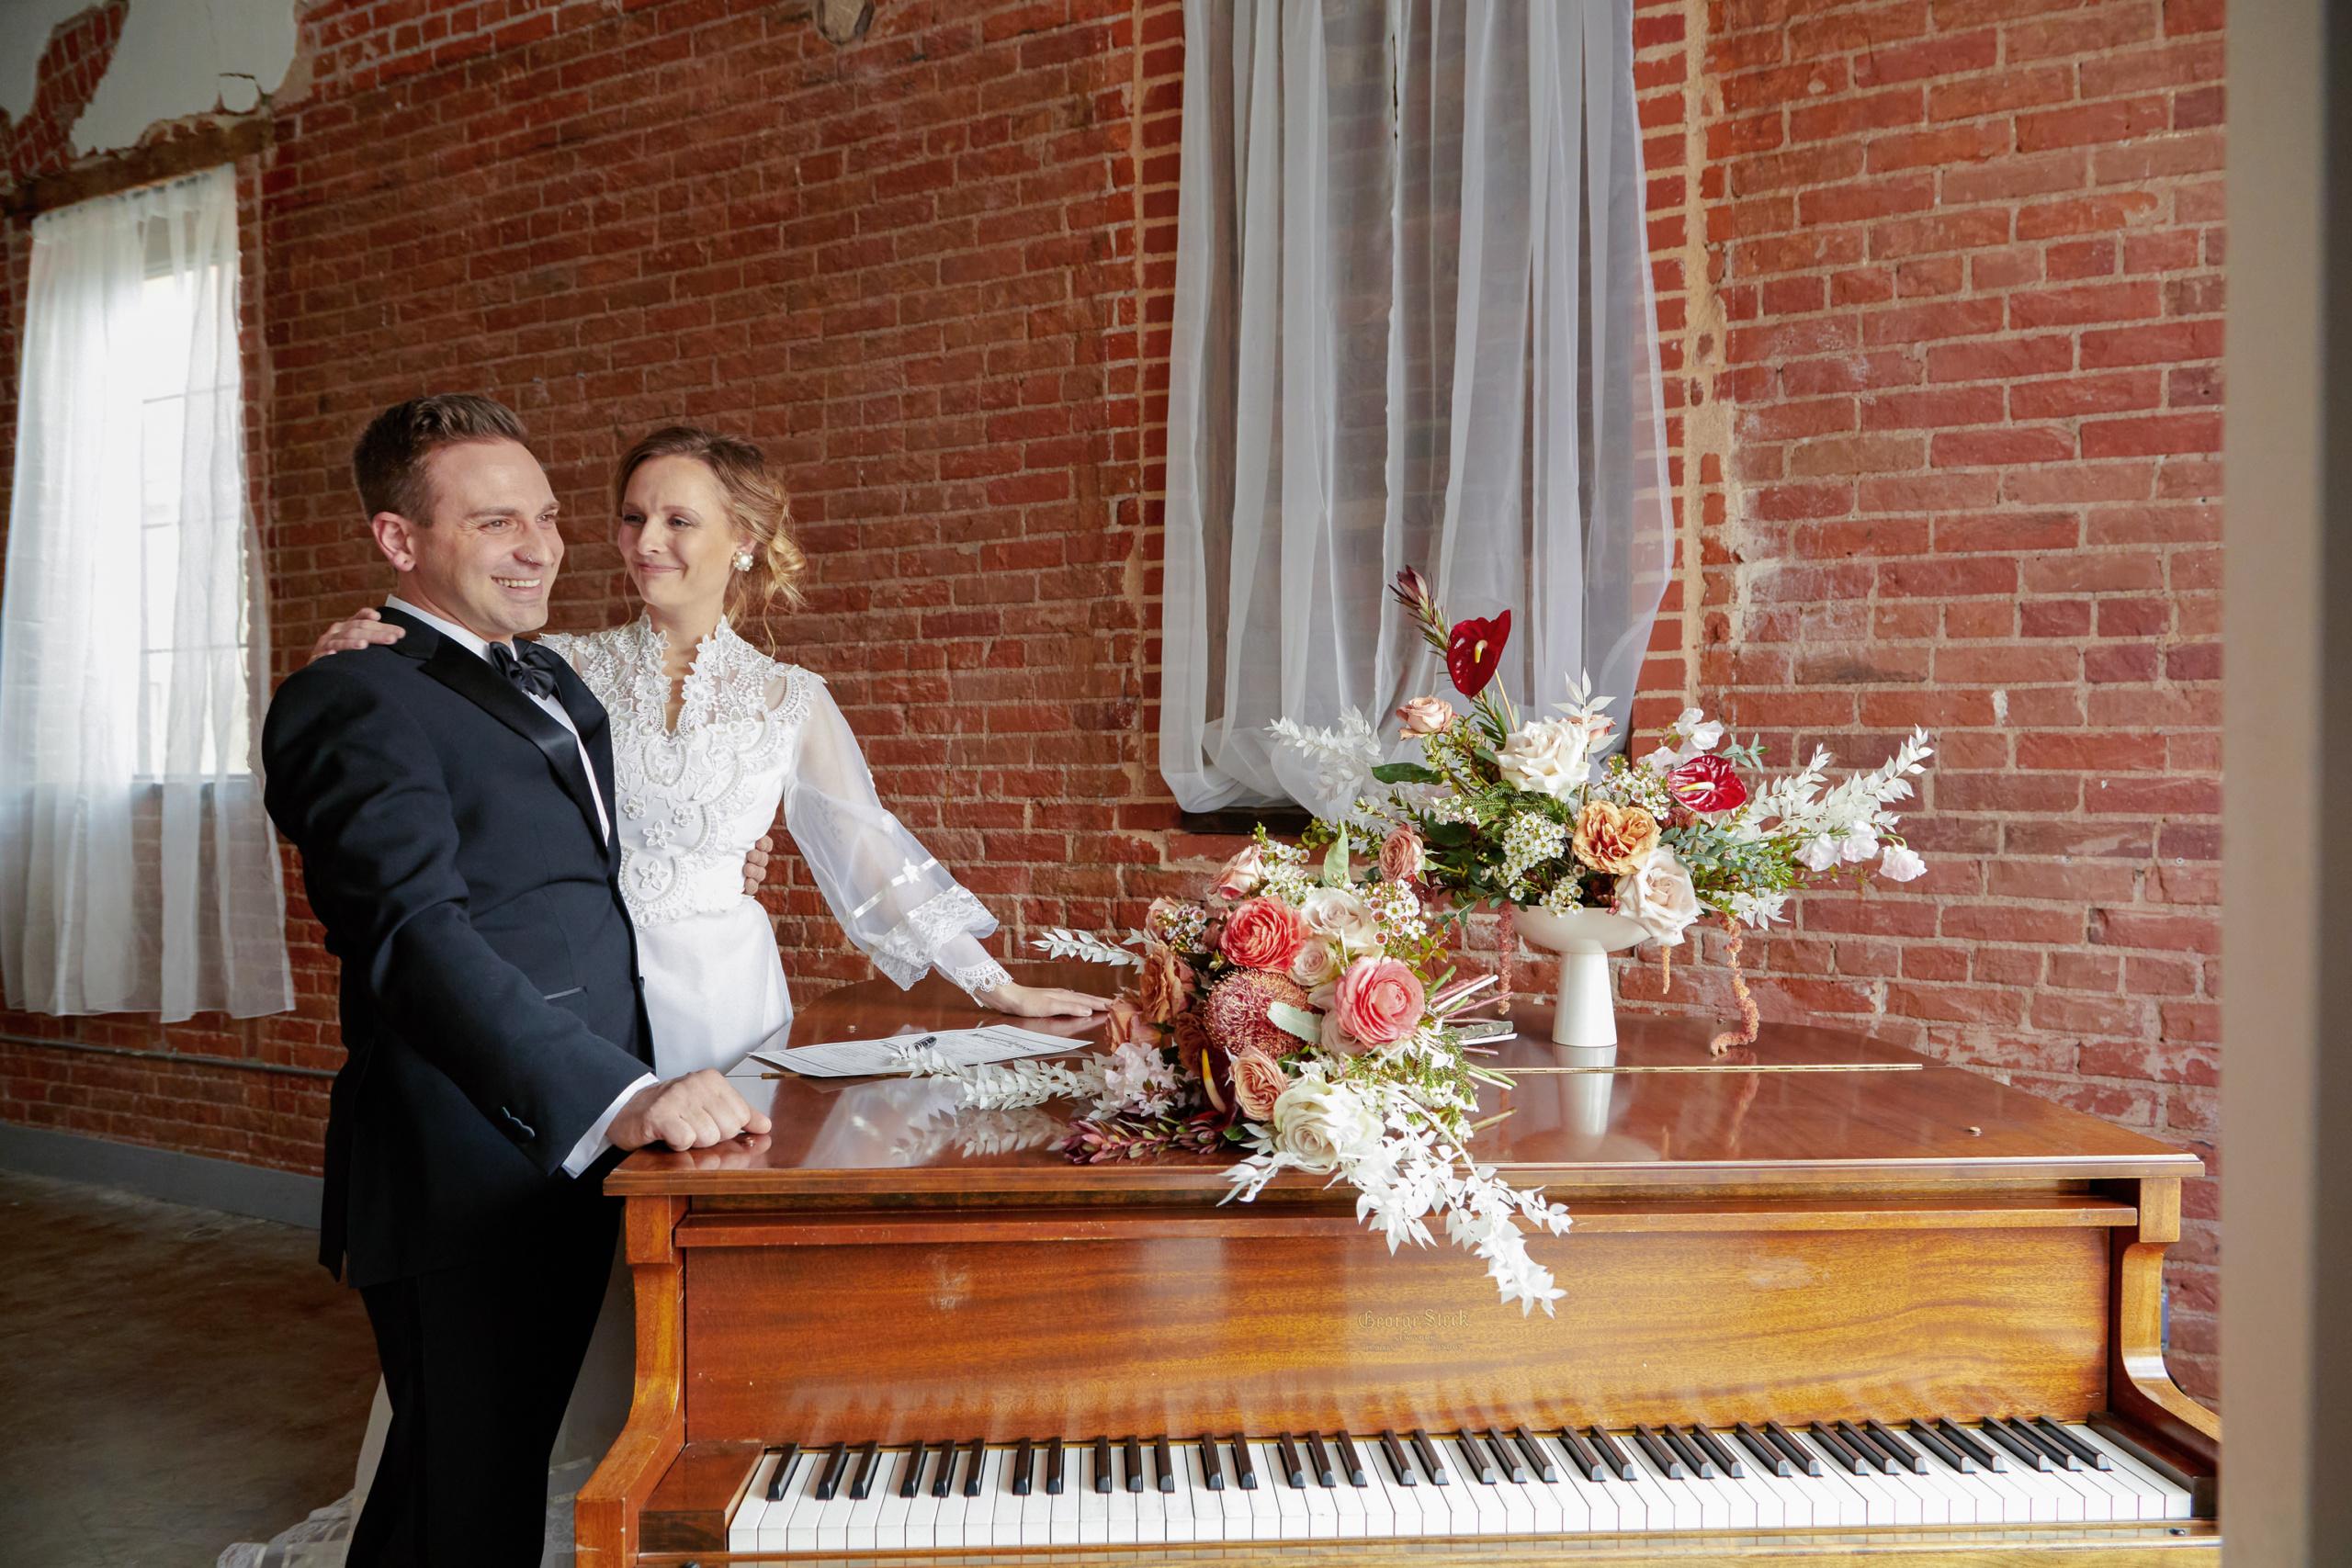 Northern Colorado Small Wedding Venue